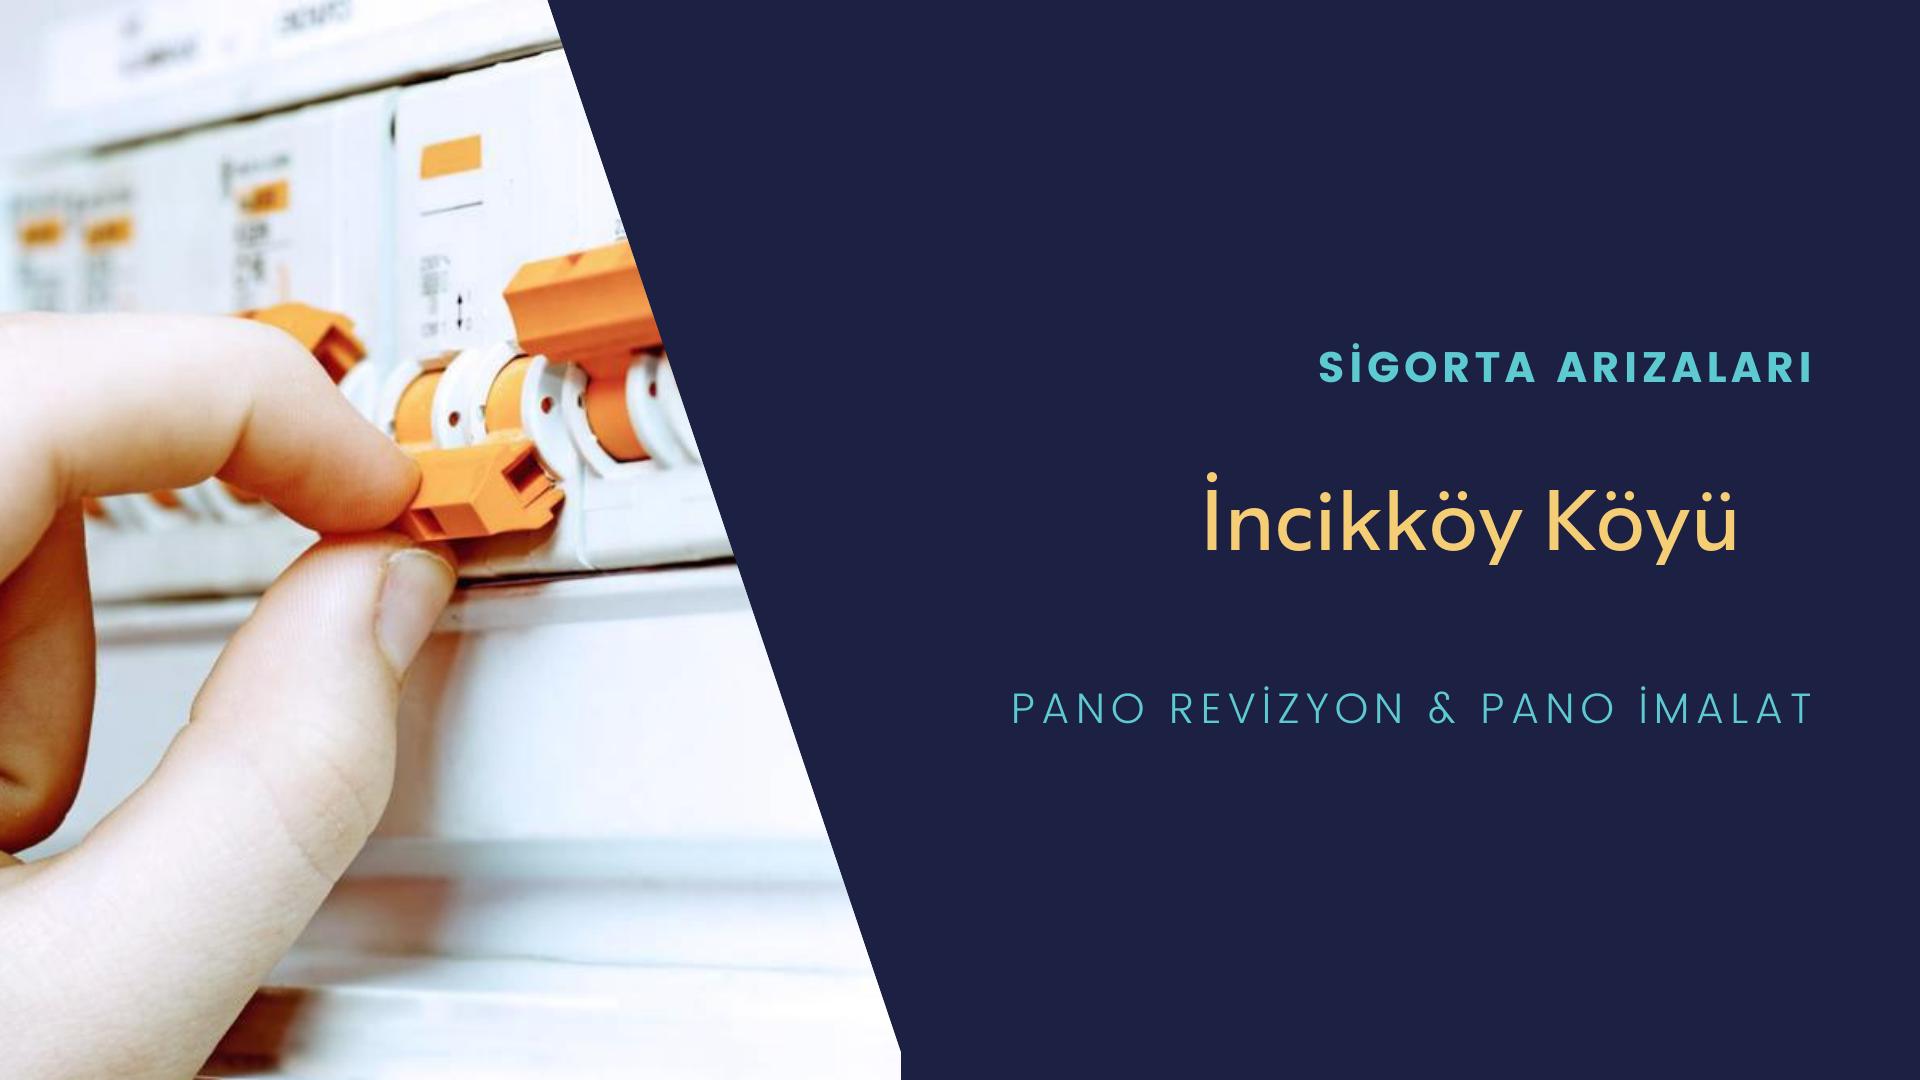 İncikköy Köyü Sigorta Arızaları İçin Profesyonel Elektrikçi ustalarımızı dilediğiniz zaman arayabilir talepte bulunabilirsiniz.